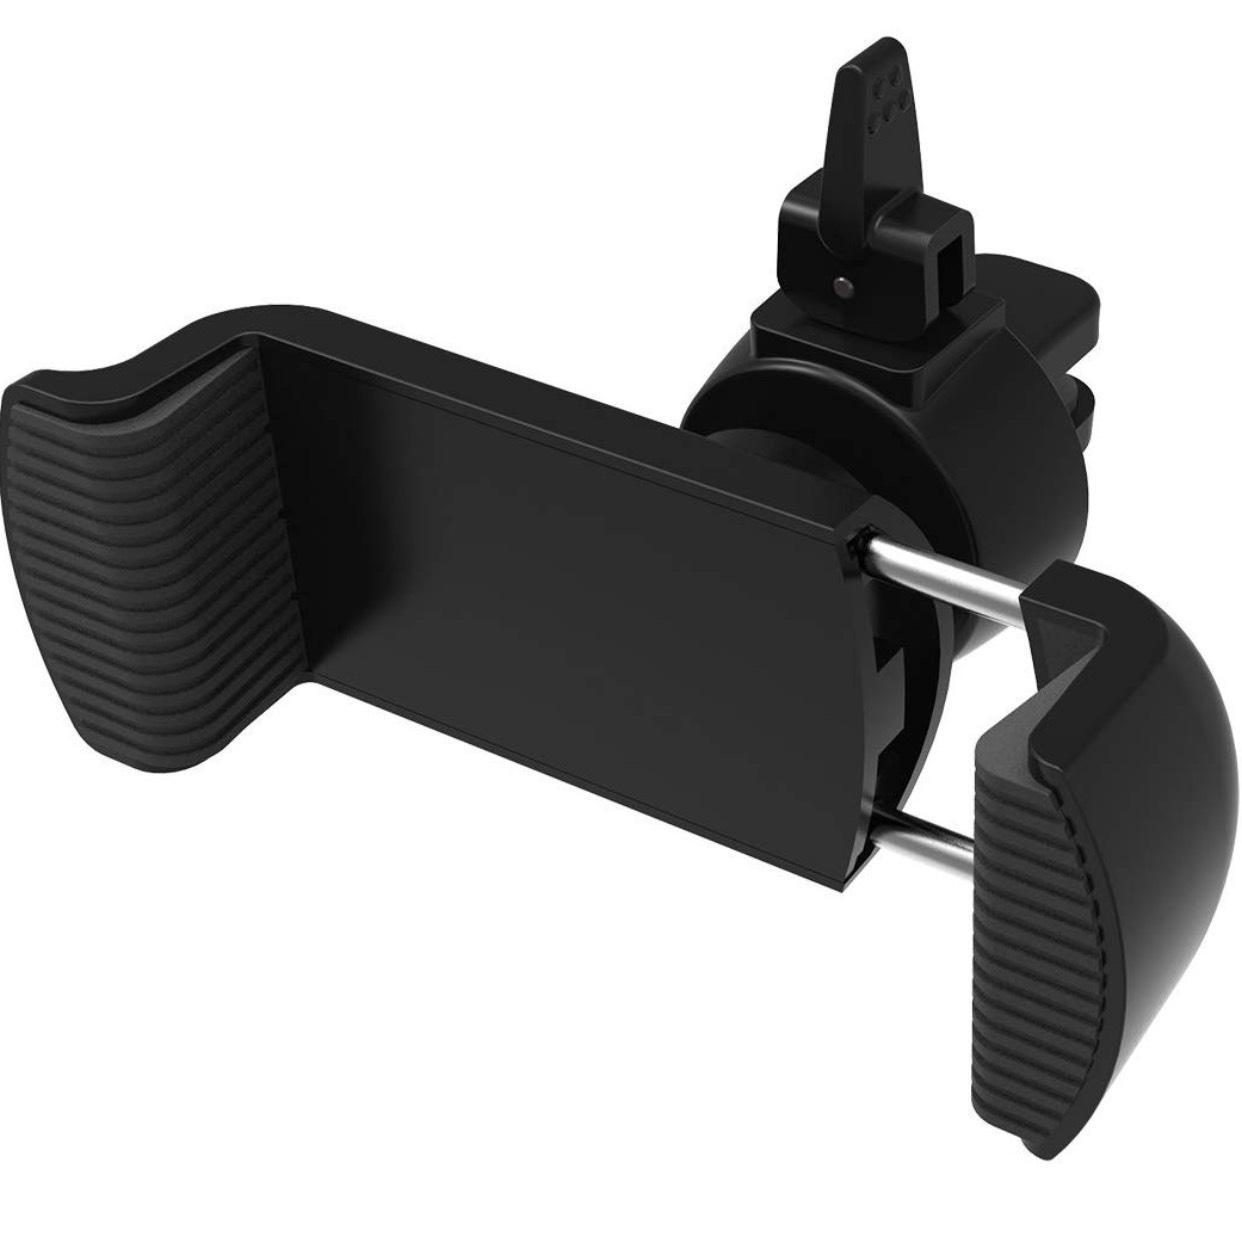 Mpow KFZ-Handyhalterung (360° Kugelgelenk, 86 mm maximale Handybreite) für 3,92€